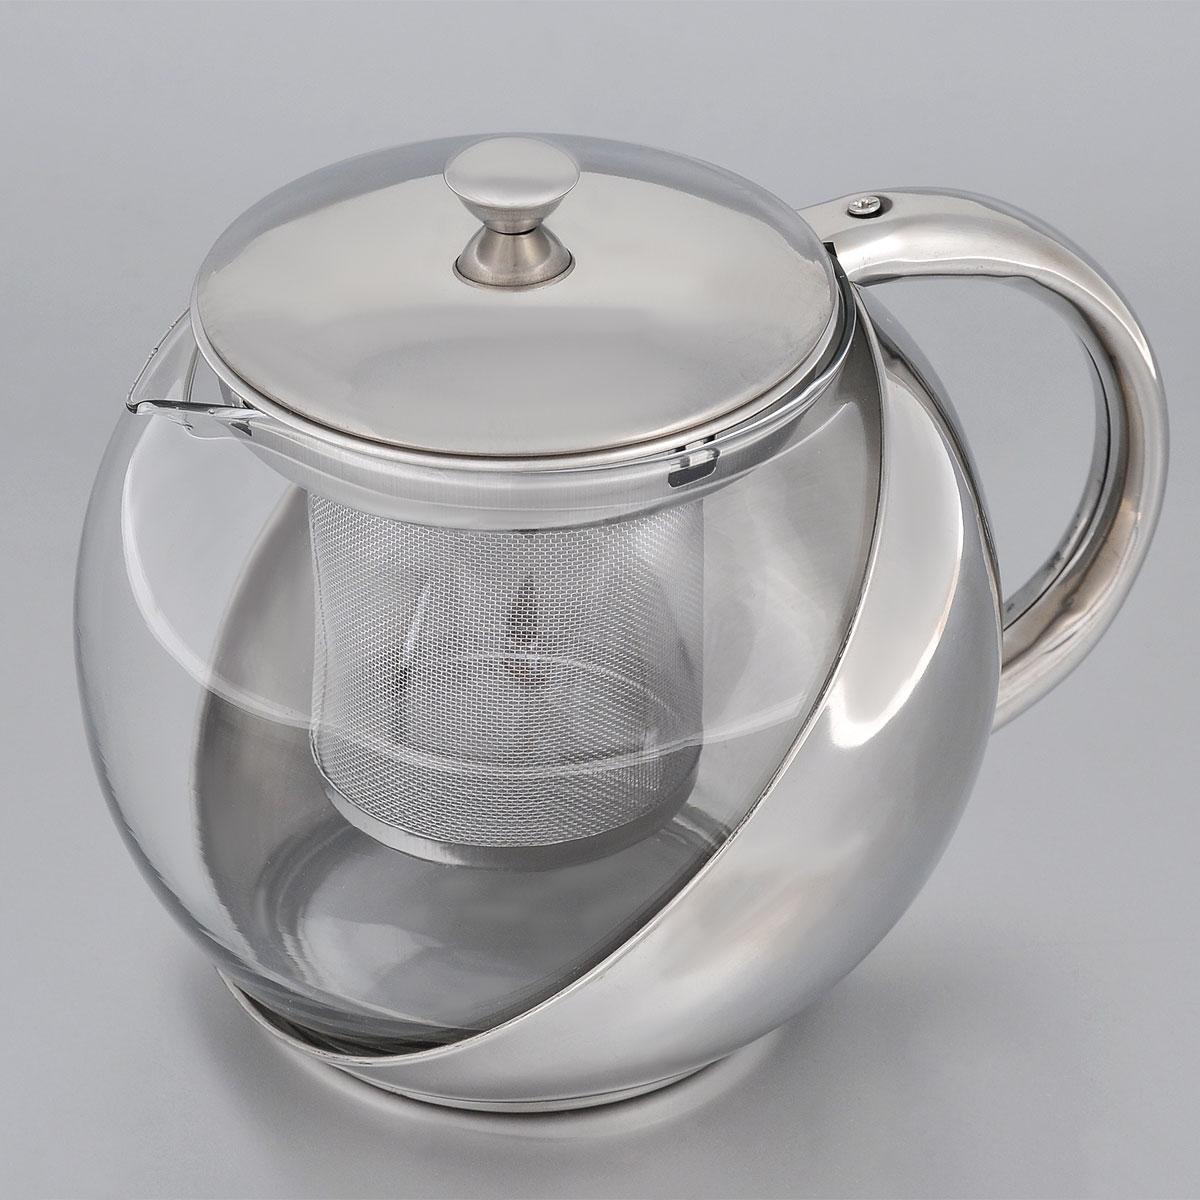 Чайник заварочный Bohmann, с фильтром, 900 мл9623BHИзящный и современный чайник Bohmann изготовлен из высококачественной нержавеющей стали и жаропрочного стекла. Съемный фильтр из стали позволит быстро и легко очистить чайник. Может быть использован для подачи как горячих, так и холодных напитков. Простой и удобный чайник Bohmann послужит великолепным подарком для любителей чая. Можно мыть в посудомоечной машине. Диаметр чайника (по верхнему краю): 8,5 см. Высота чайника (без учета крышки): 12 см. Высота фильтра: 7,5 см.